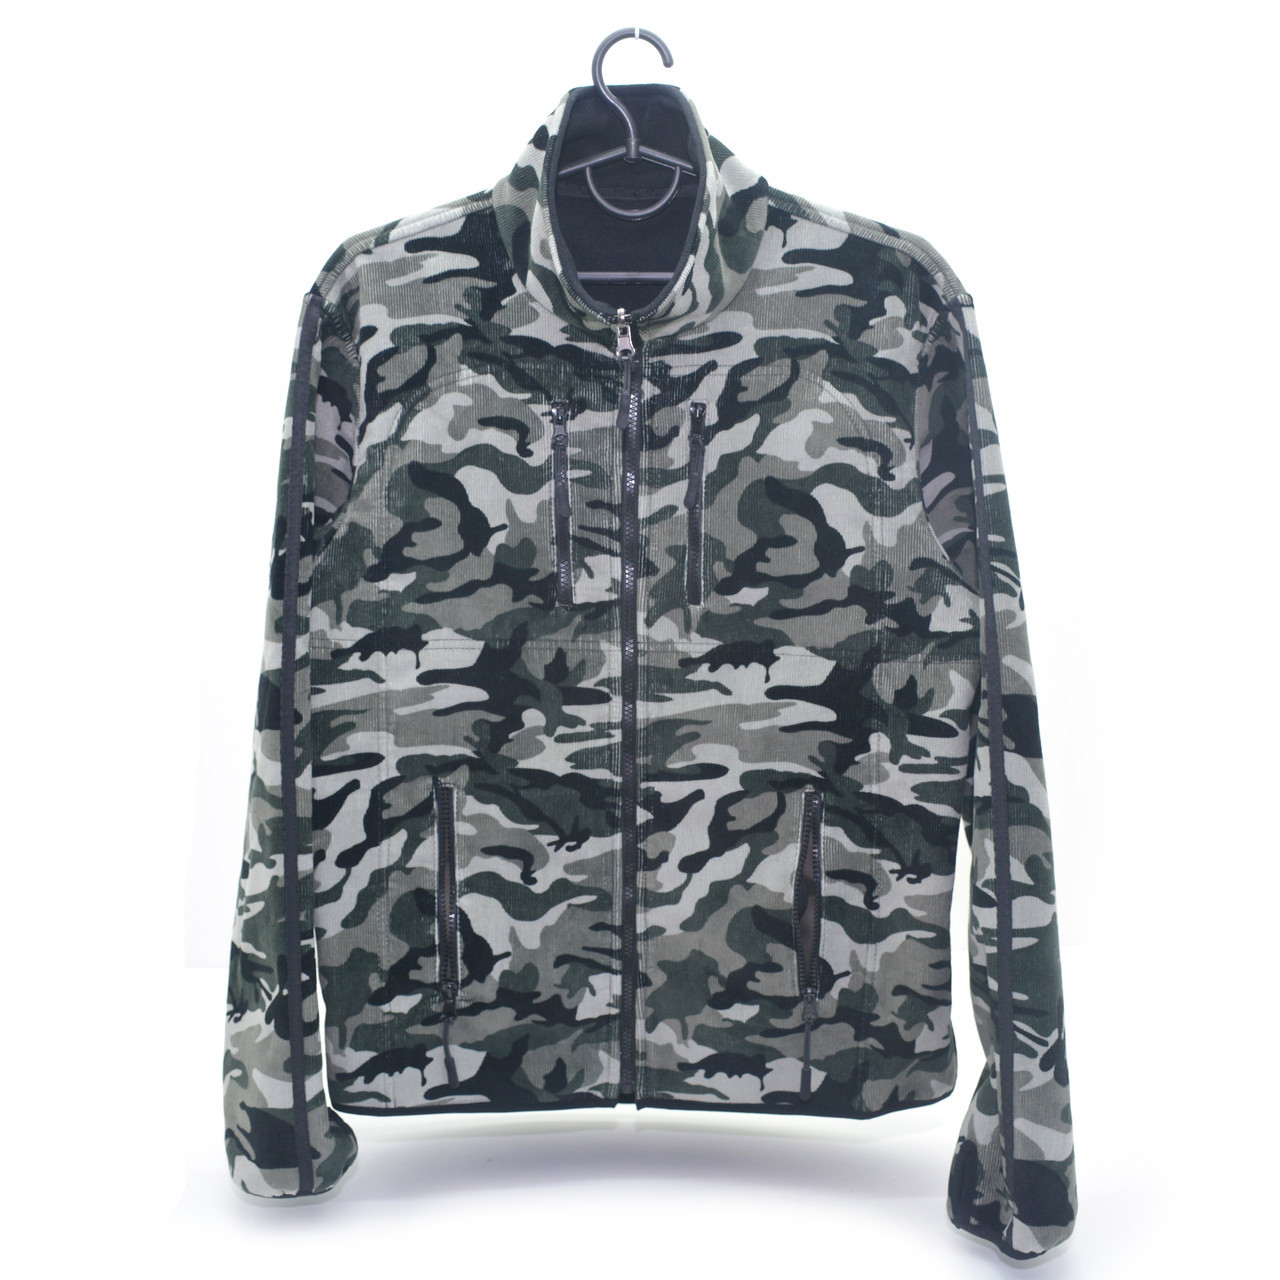 Куртка камуфляж двусторонняя для охоты и рыбалки